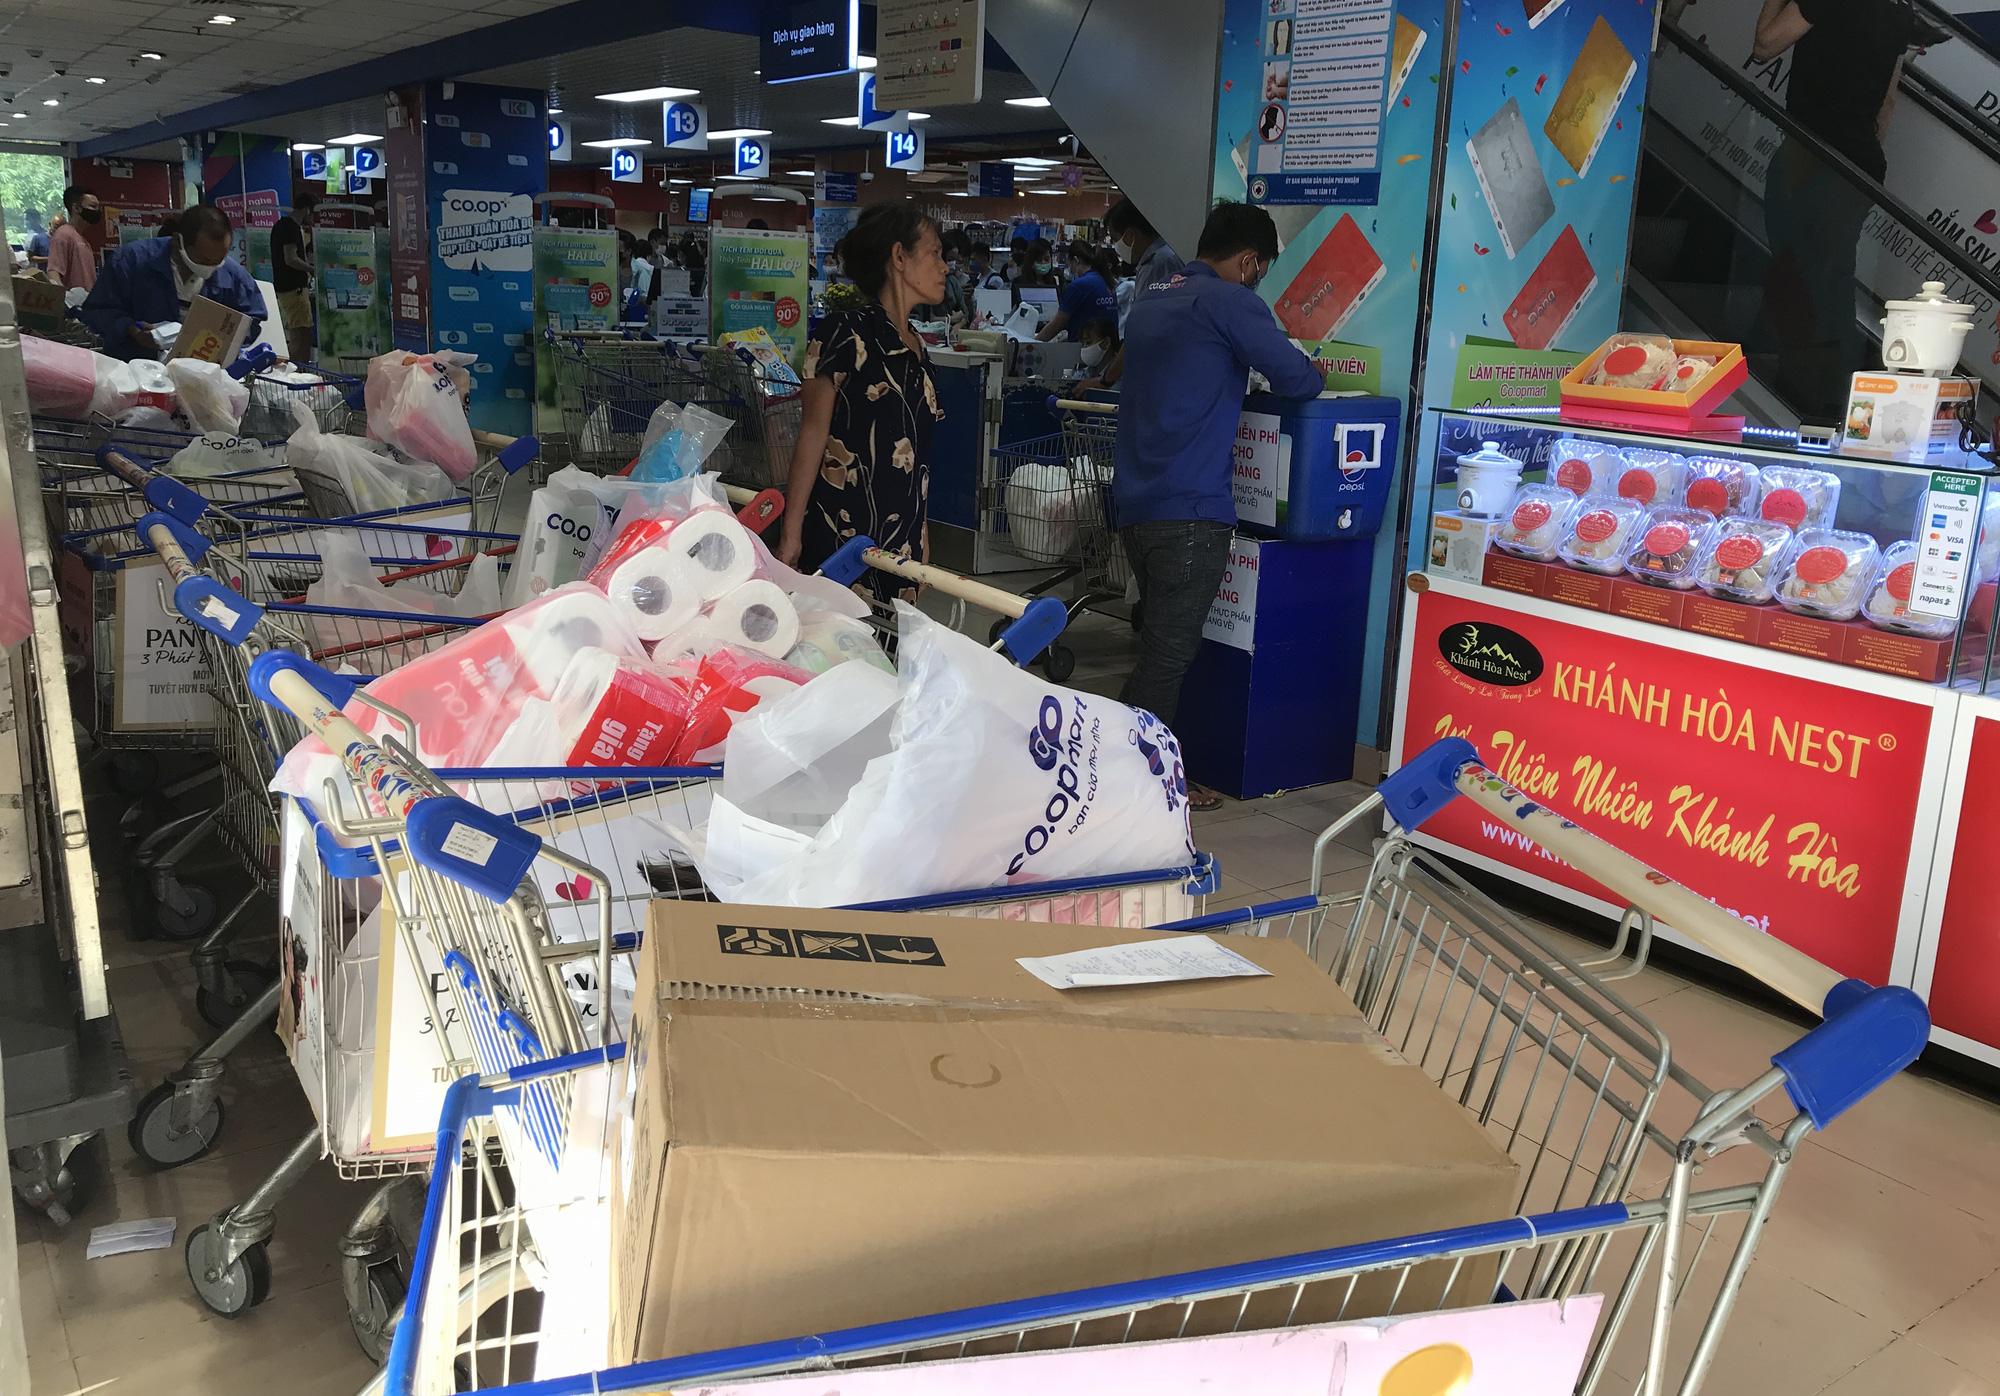 Trái ngược cảnh vắng tanh tại Vincom Đồng Khởi, Saigon Centre... siêu thị Sài Gòn cuối tuần bán mỏi tay - Ảnh 8.